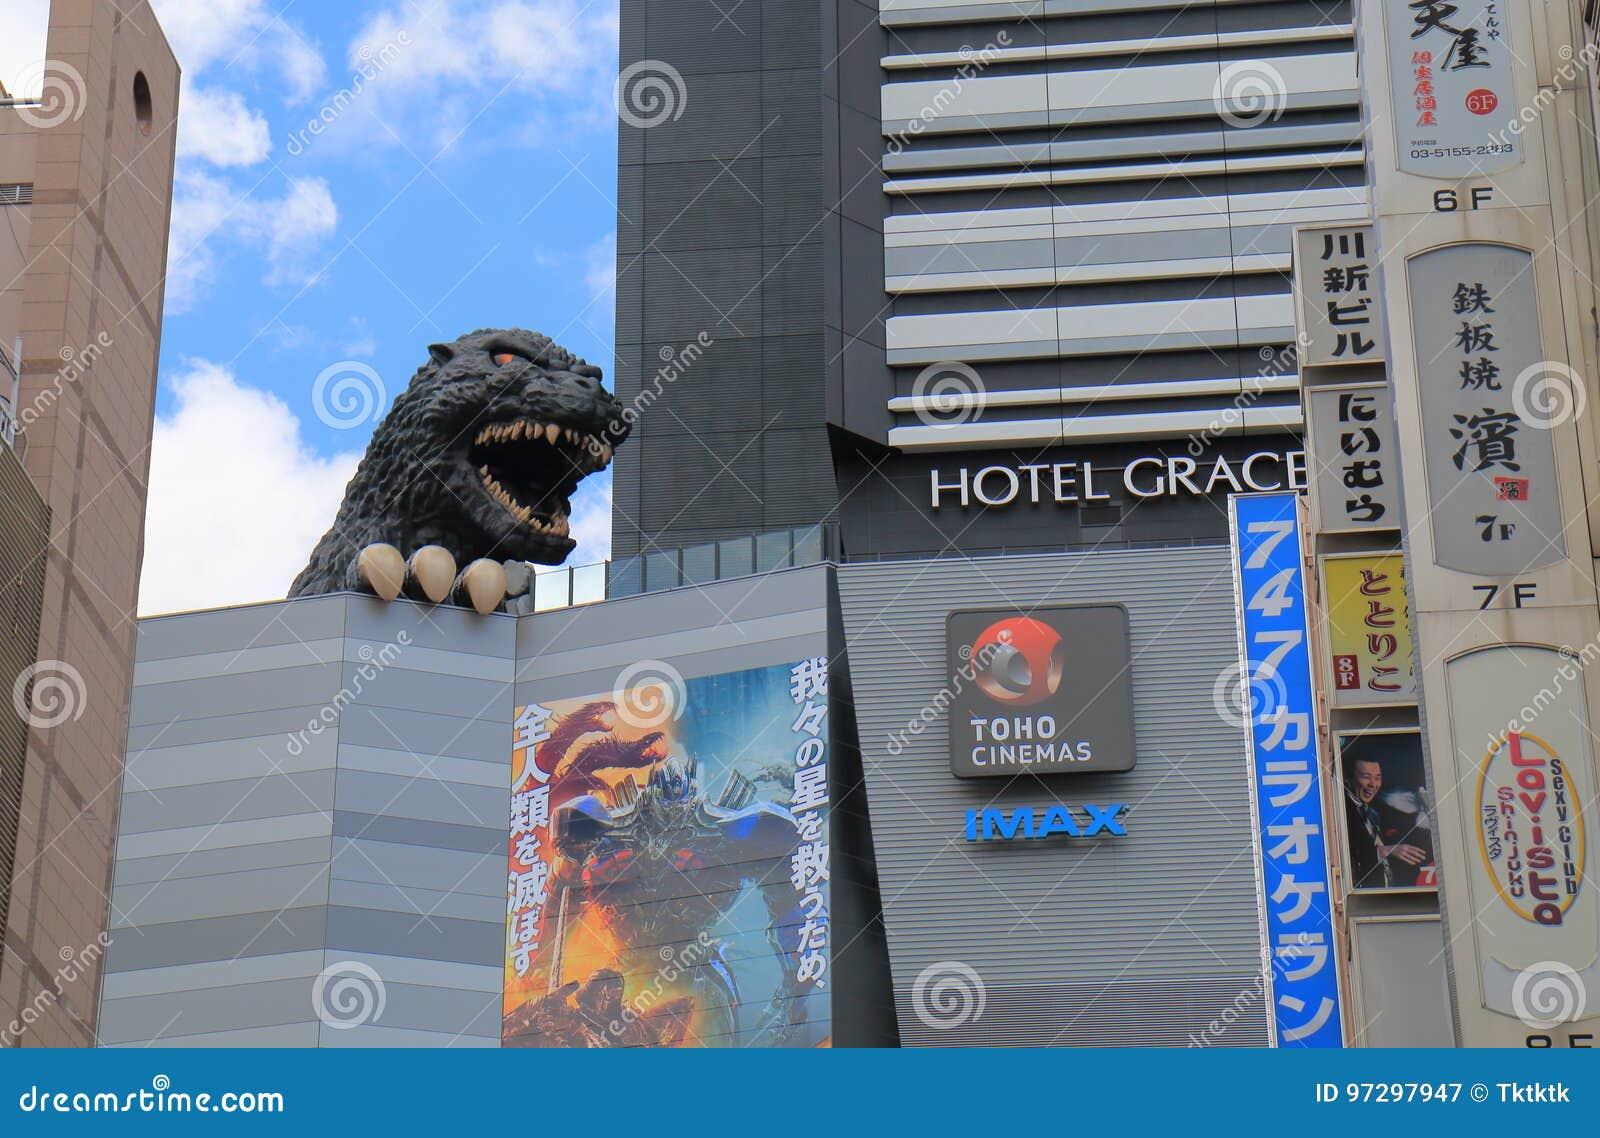 Movie theatre cinema Shinjuku Tokyo Japan